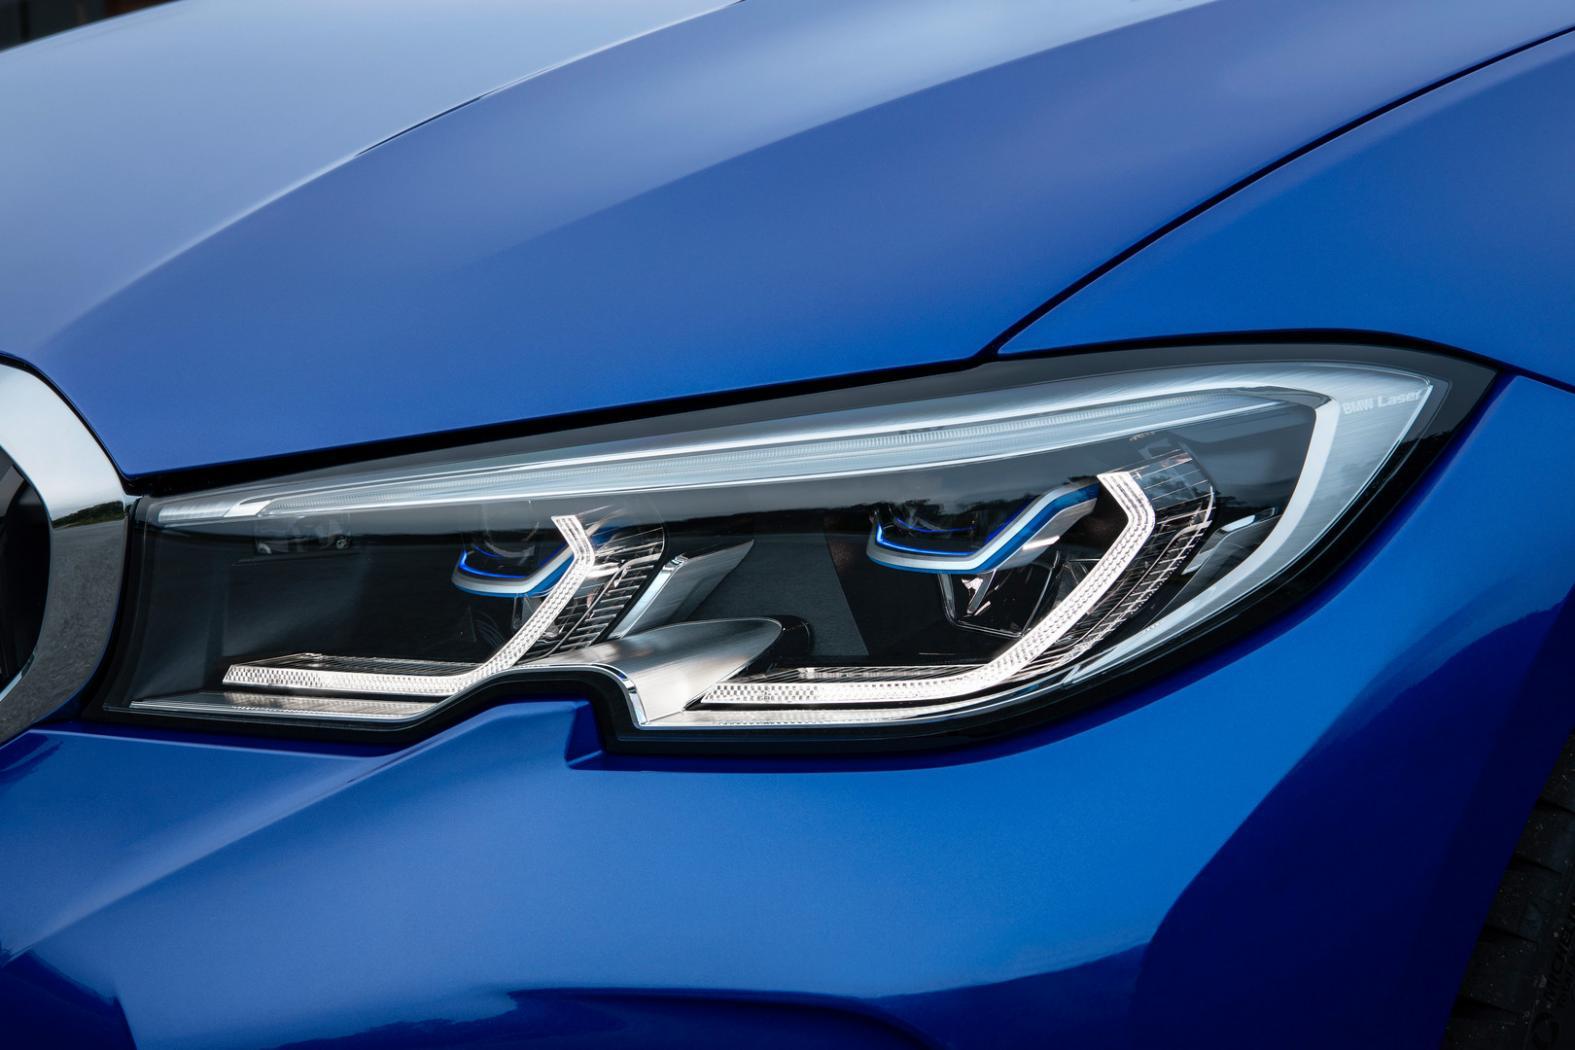 BMW-Serie-3--G20-une-nouvelle-generation-plus-sportive-et-mieux-equipee-12.jpeg